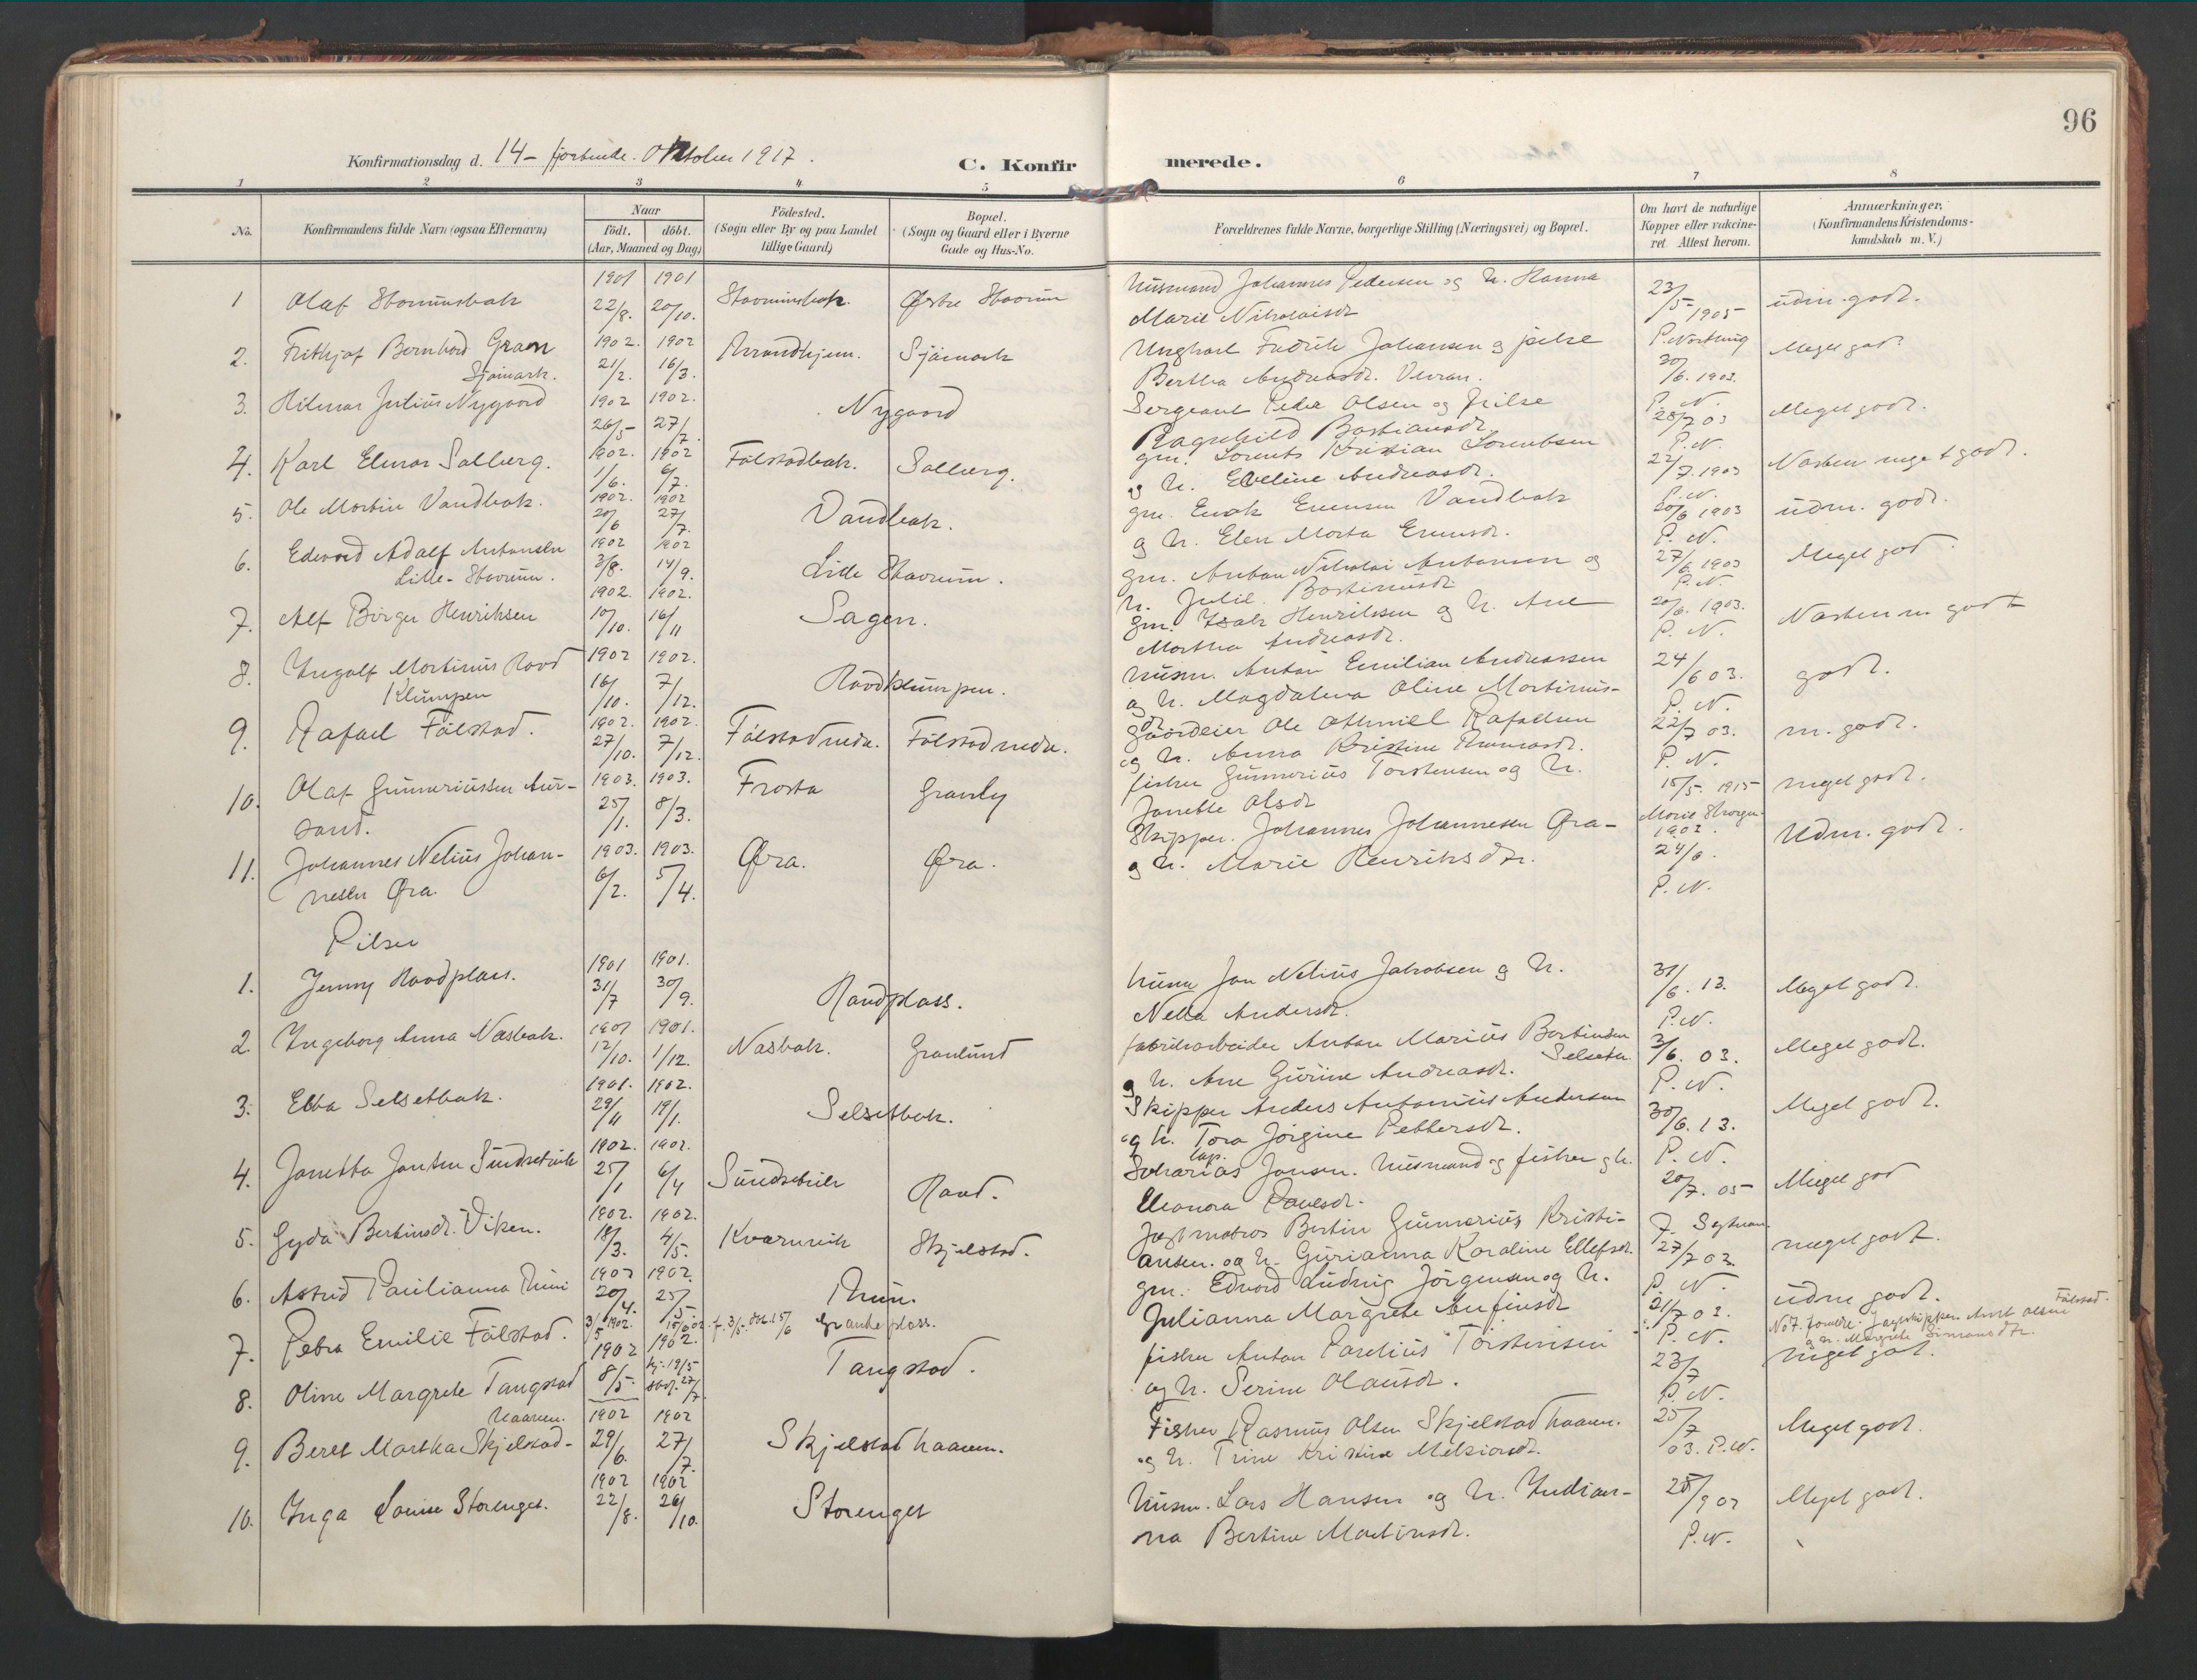 SAT, Ministerialprotokoller, klokkerbøker og fødselsregistre - Nord-Trøndelag, 744/L0421: Ministerialbok nr. 744A05, 1905-1930, s. 96